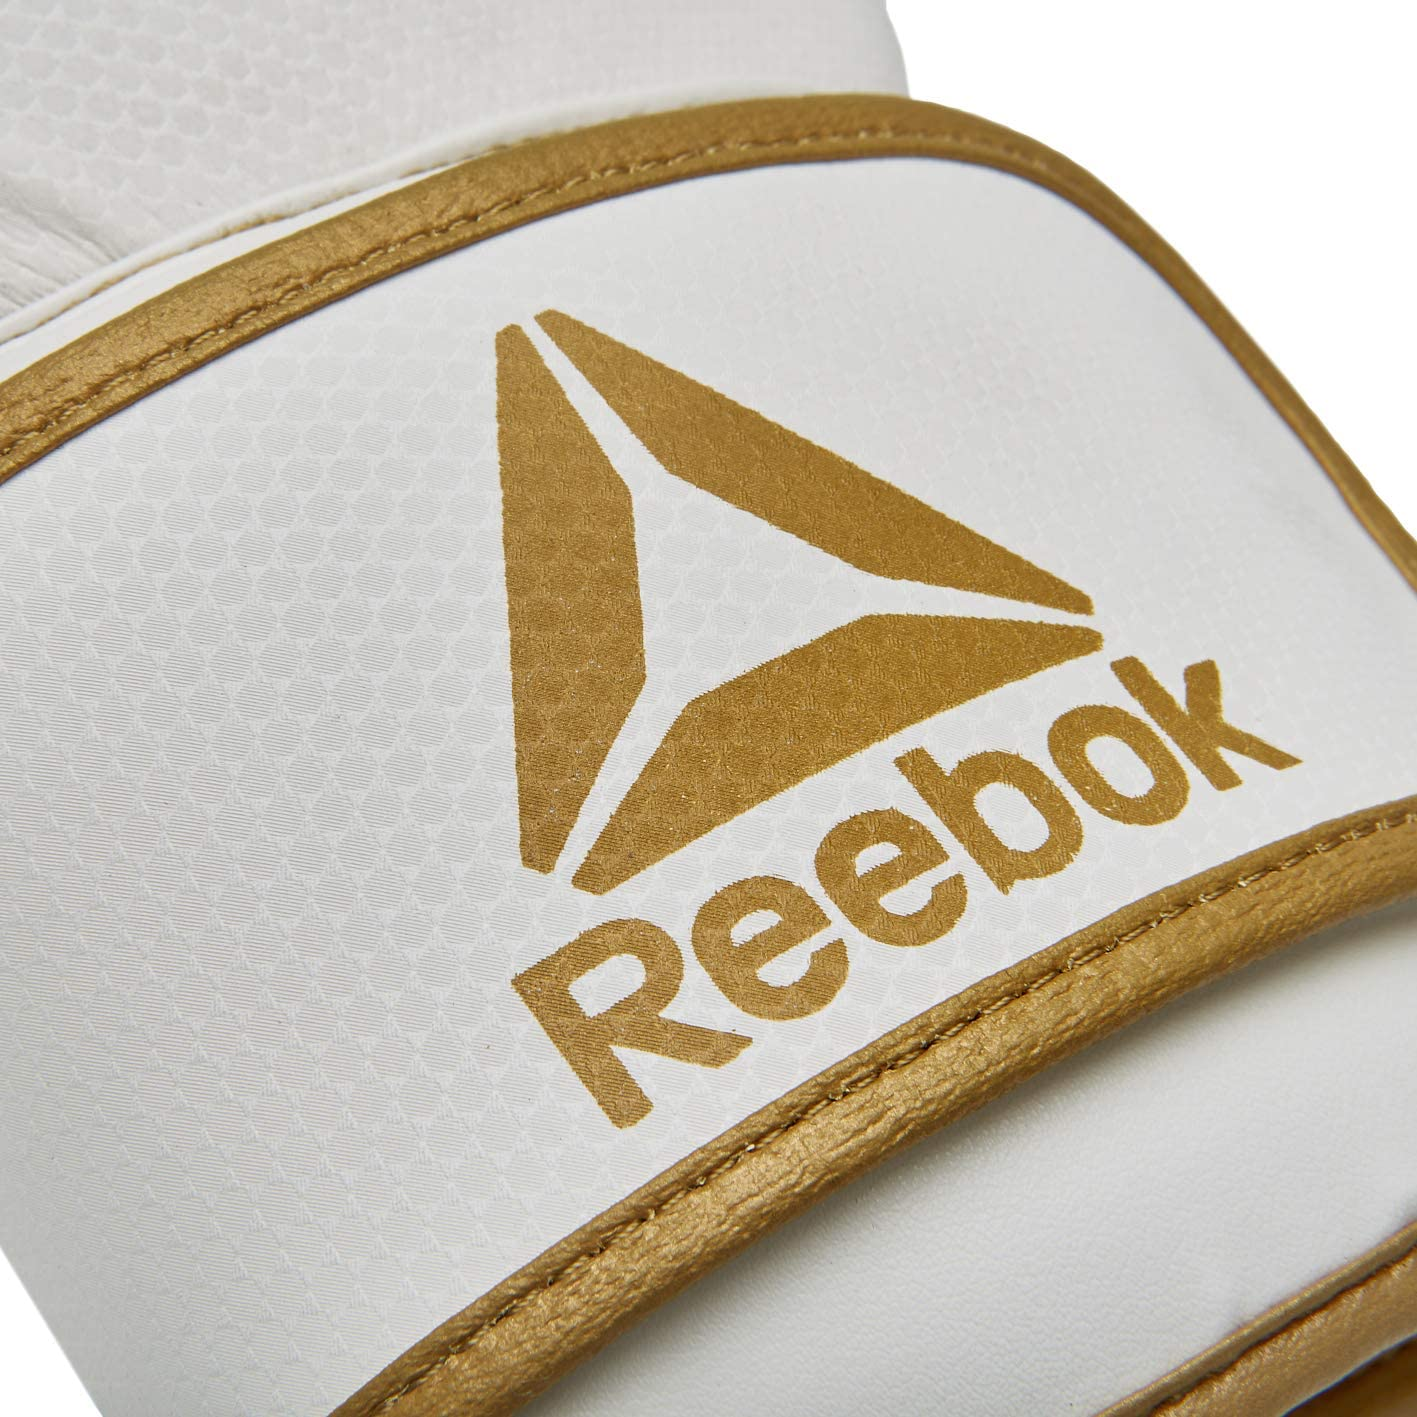 Reebok Guantoni da pugilato Allenamento Sparring Punch Bag con la tecnologia di impatto Tetra